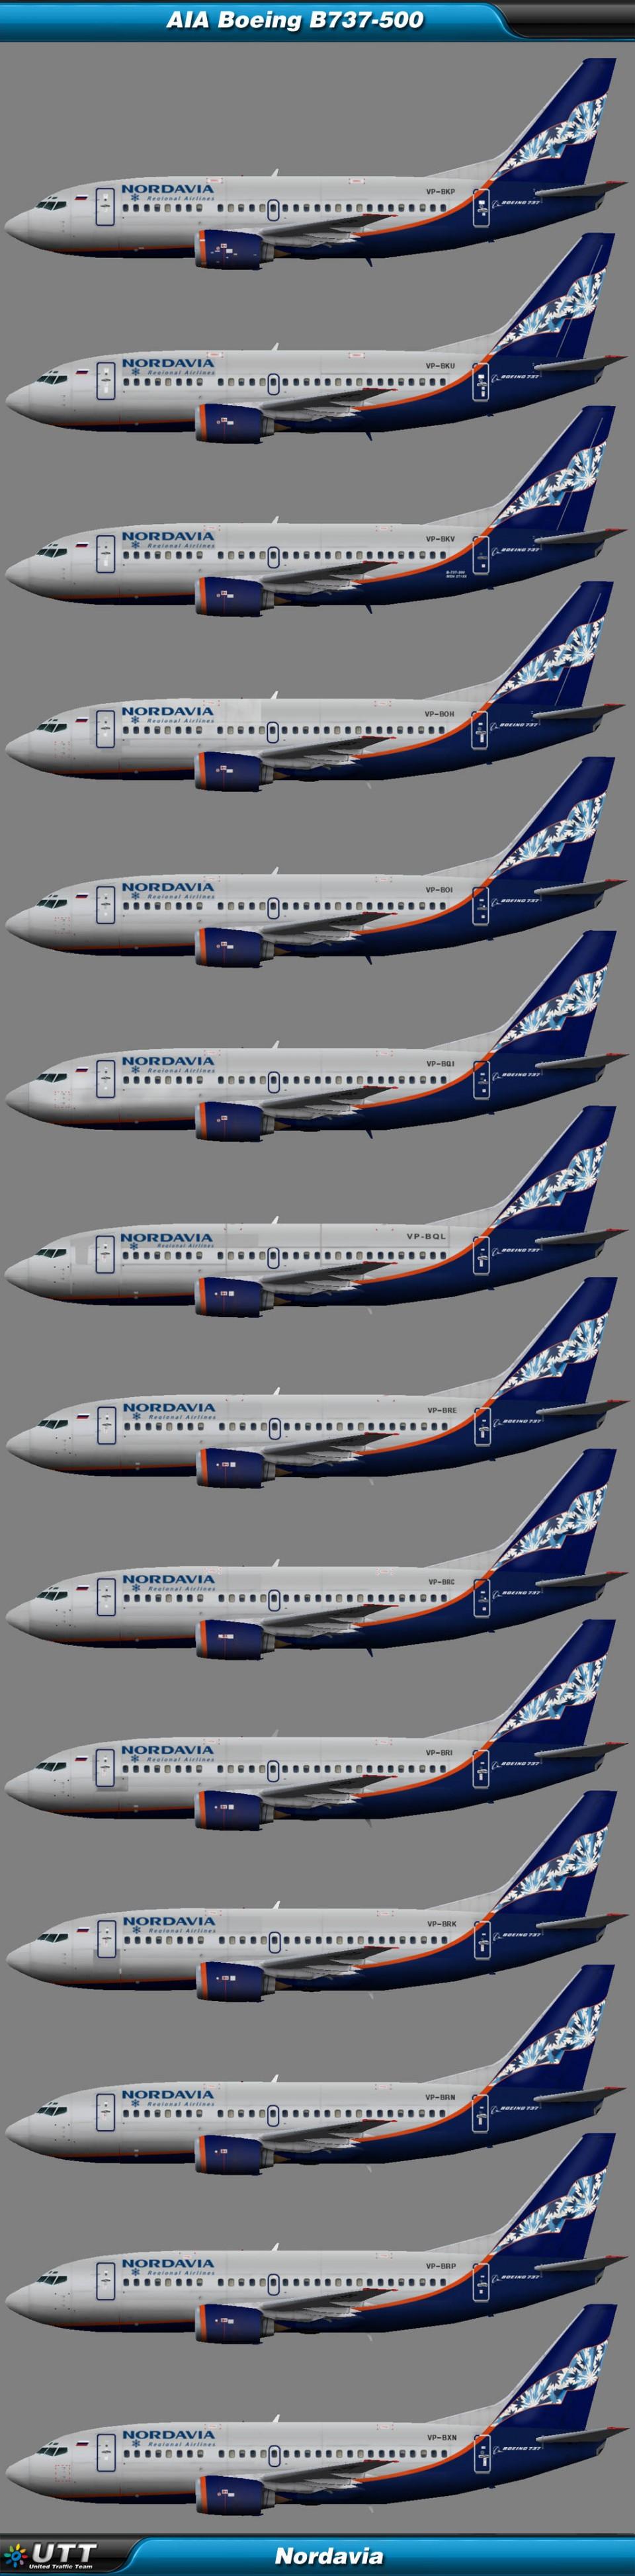 Boeing B737-500 Nordavia